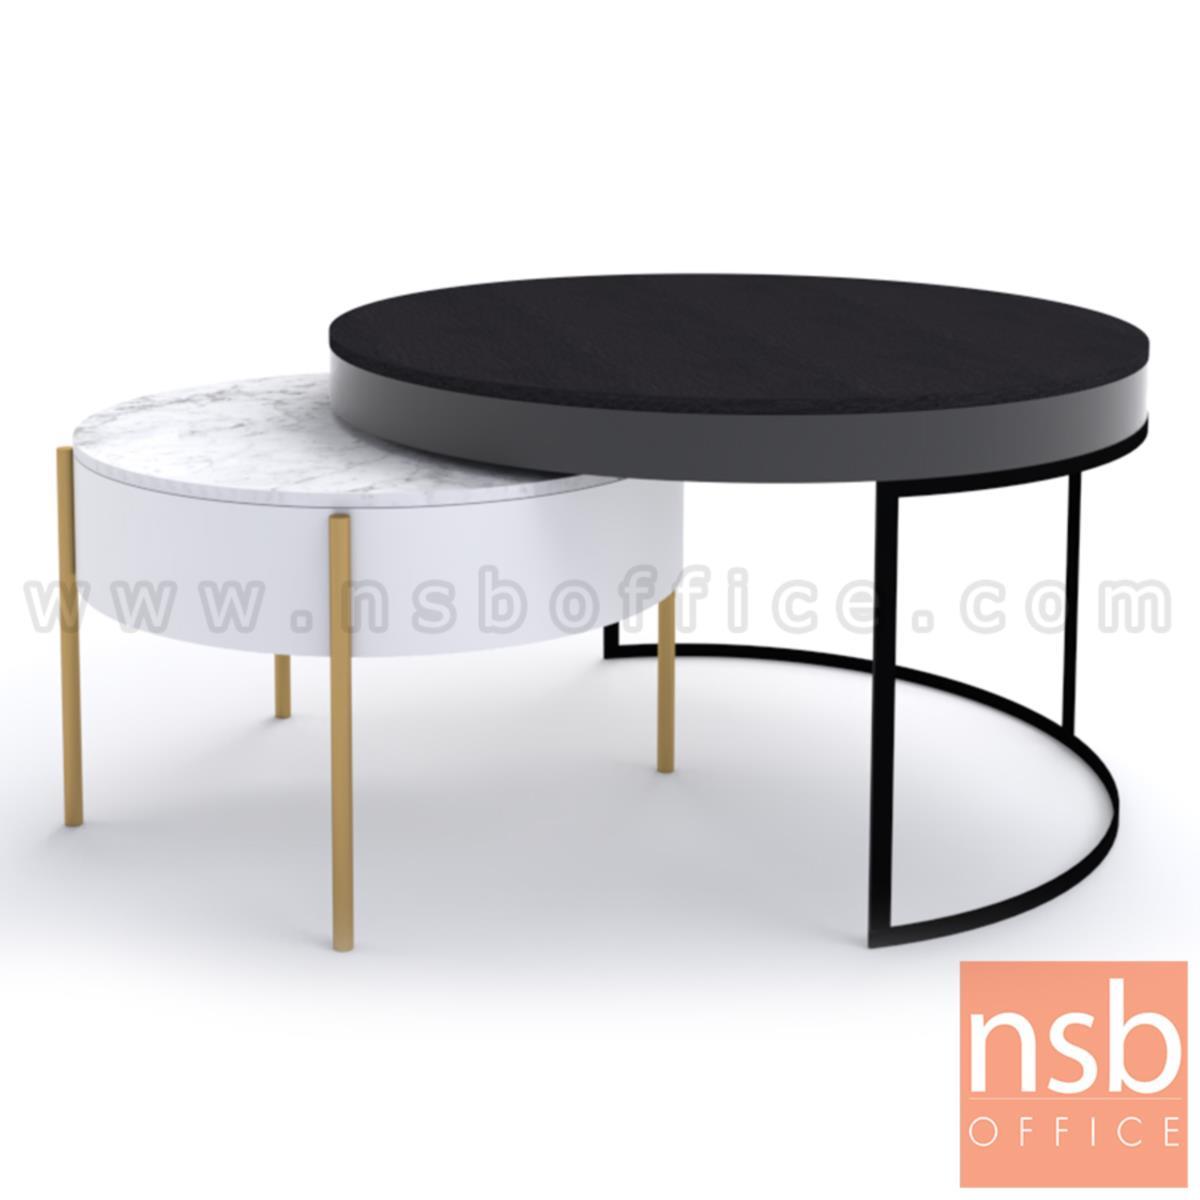 B13A275:โต๊ะกลางกลมหน้าหิน รุ่น Alder (ออลเดอร์)  ขาสีทอง